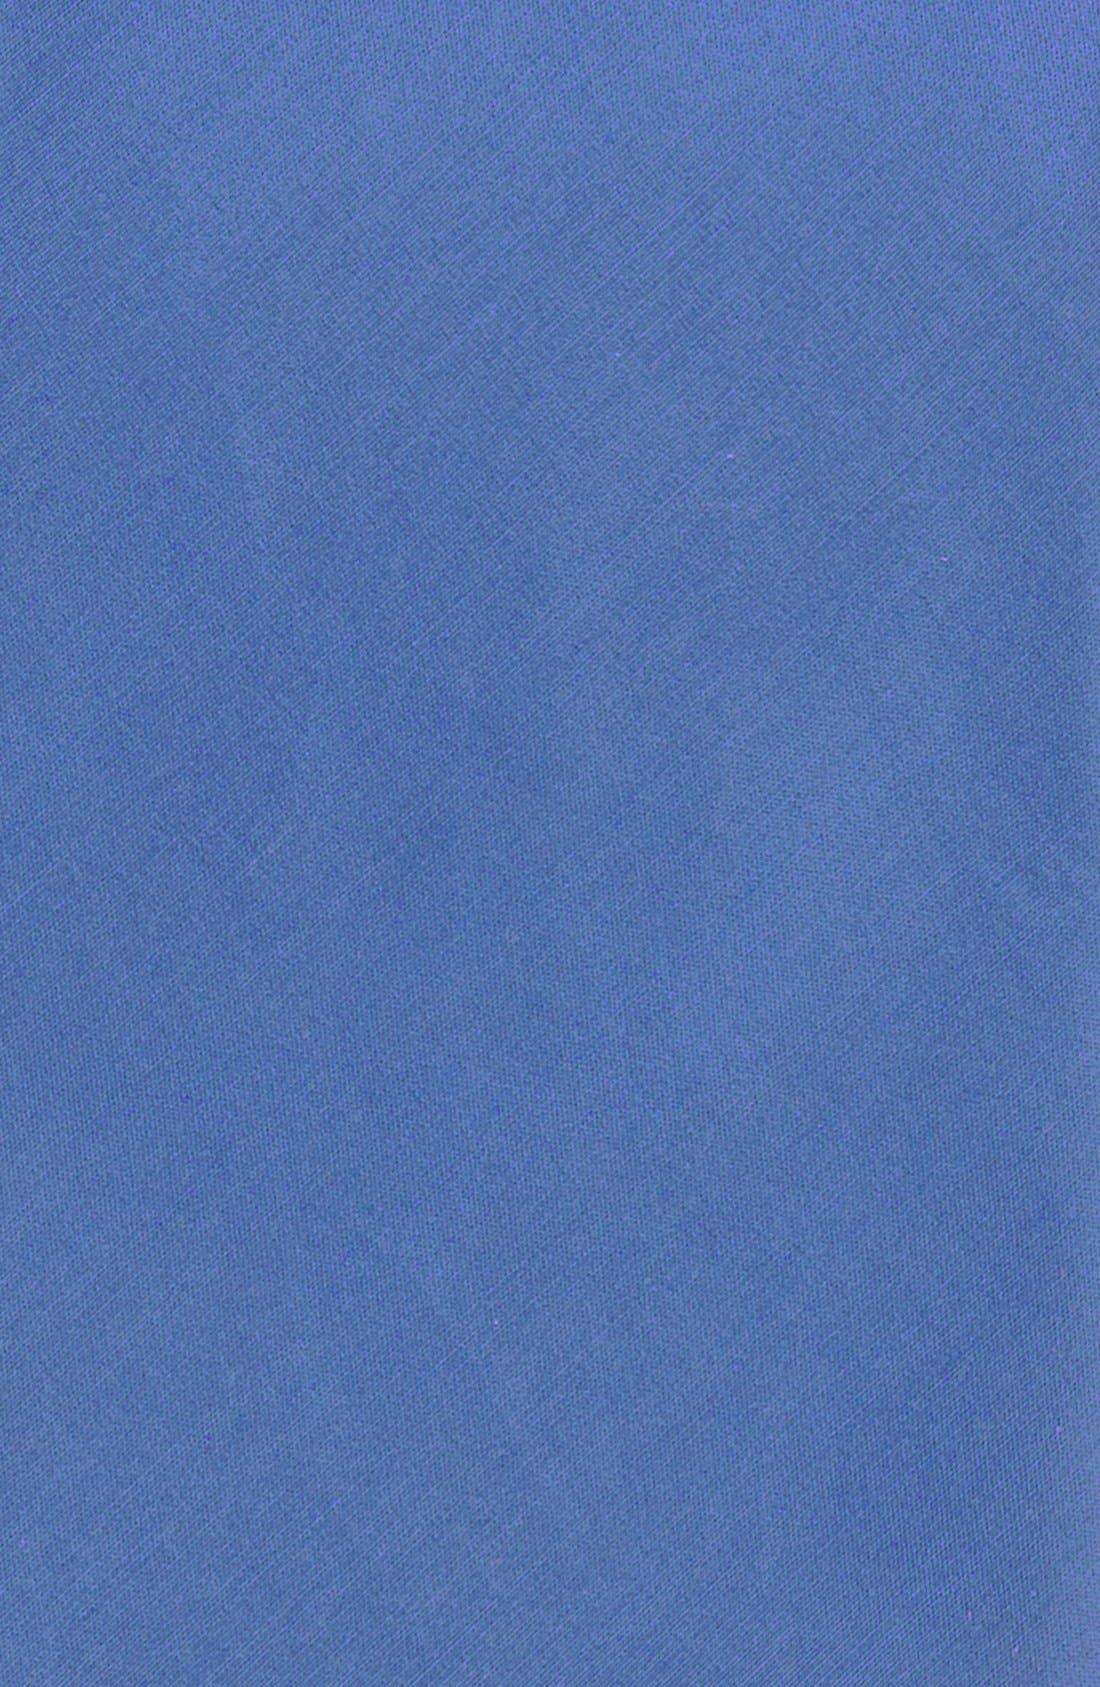 Alternate Image 2  - BOSS HUGO BOSS Silk Blend Tie